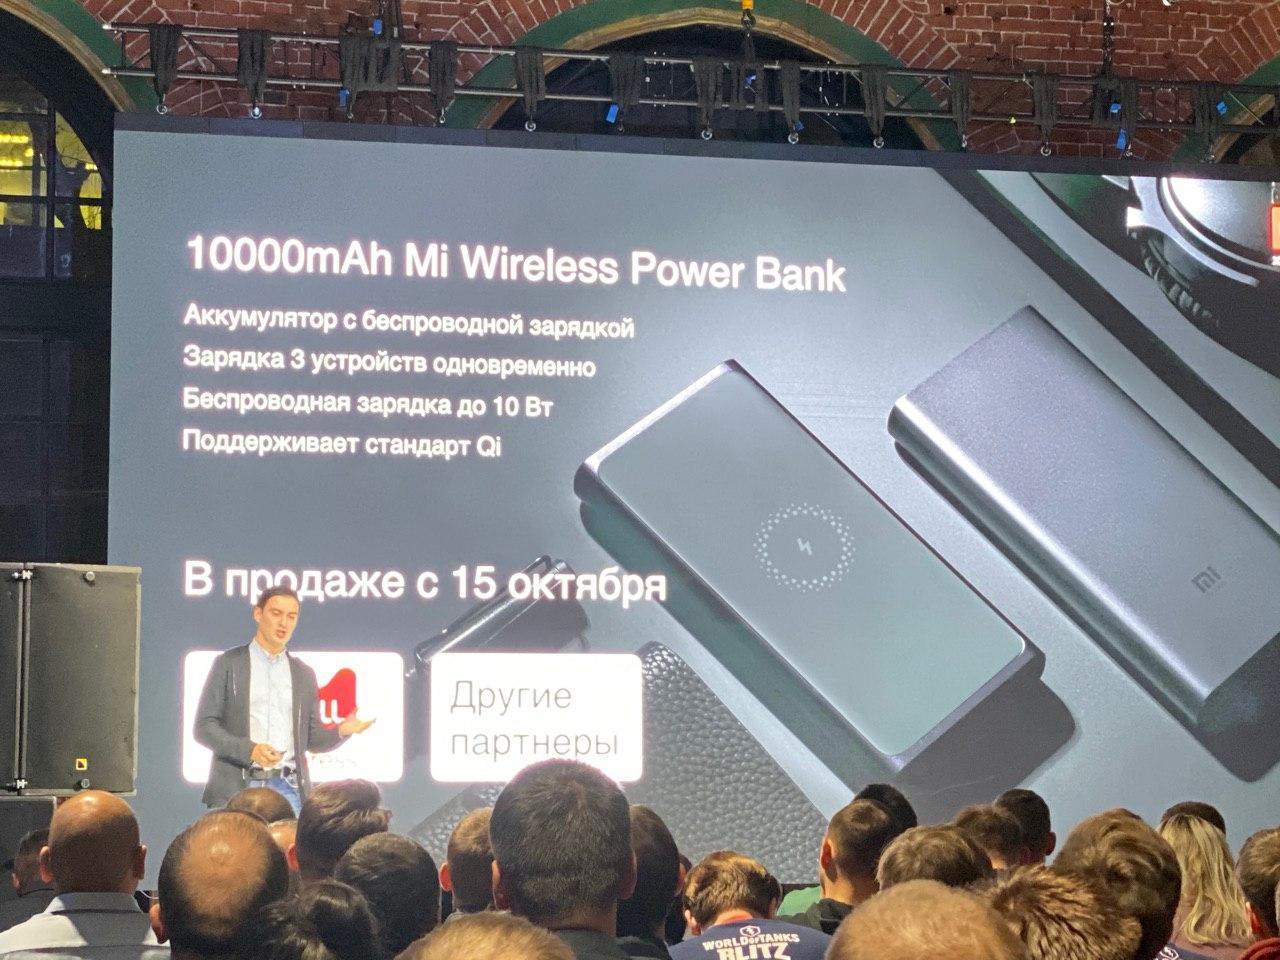 Компания Xiaomi представила чемодан, фен и аккумулятор (if6zkm20otk)